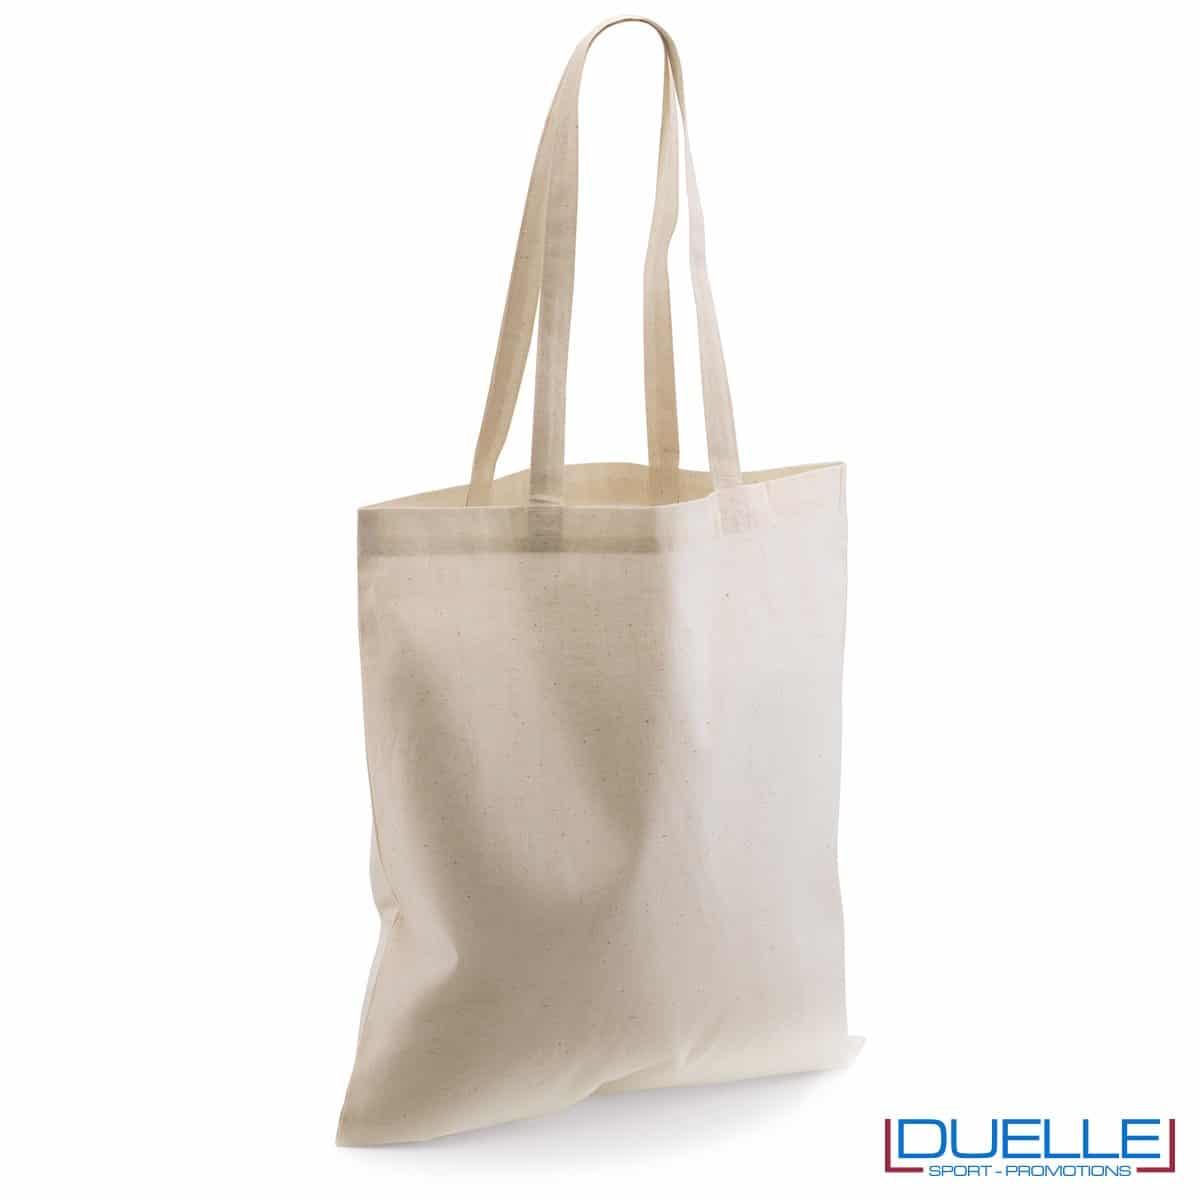 Shopper personalizzata in puro cotone naturale